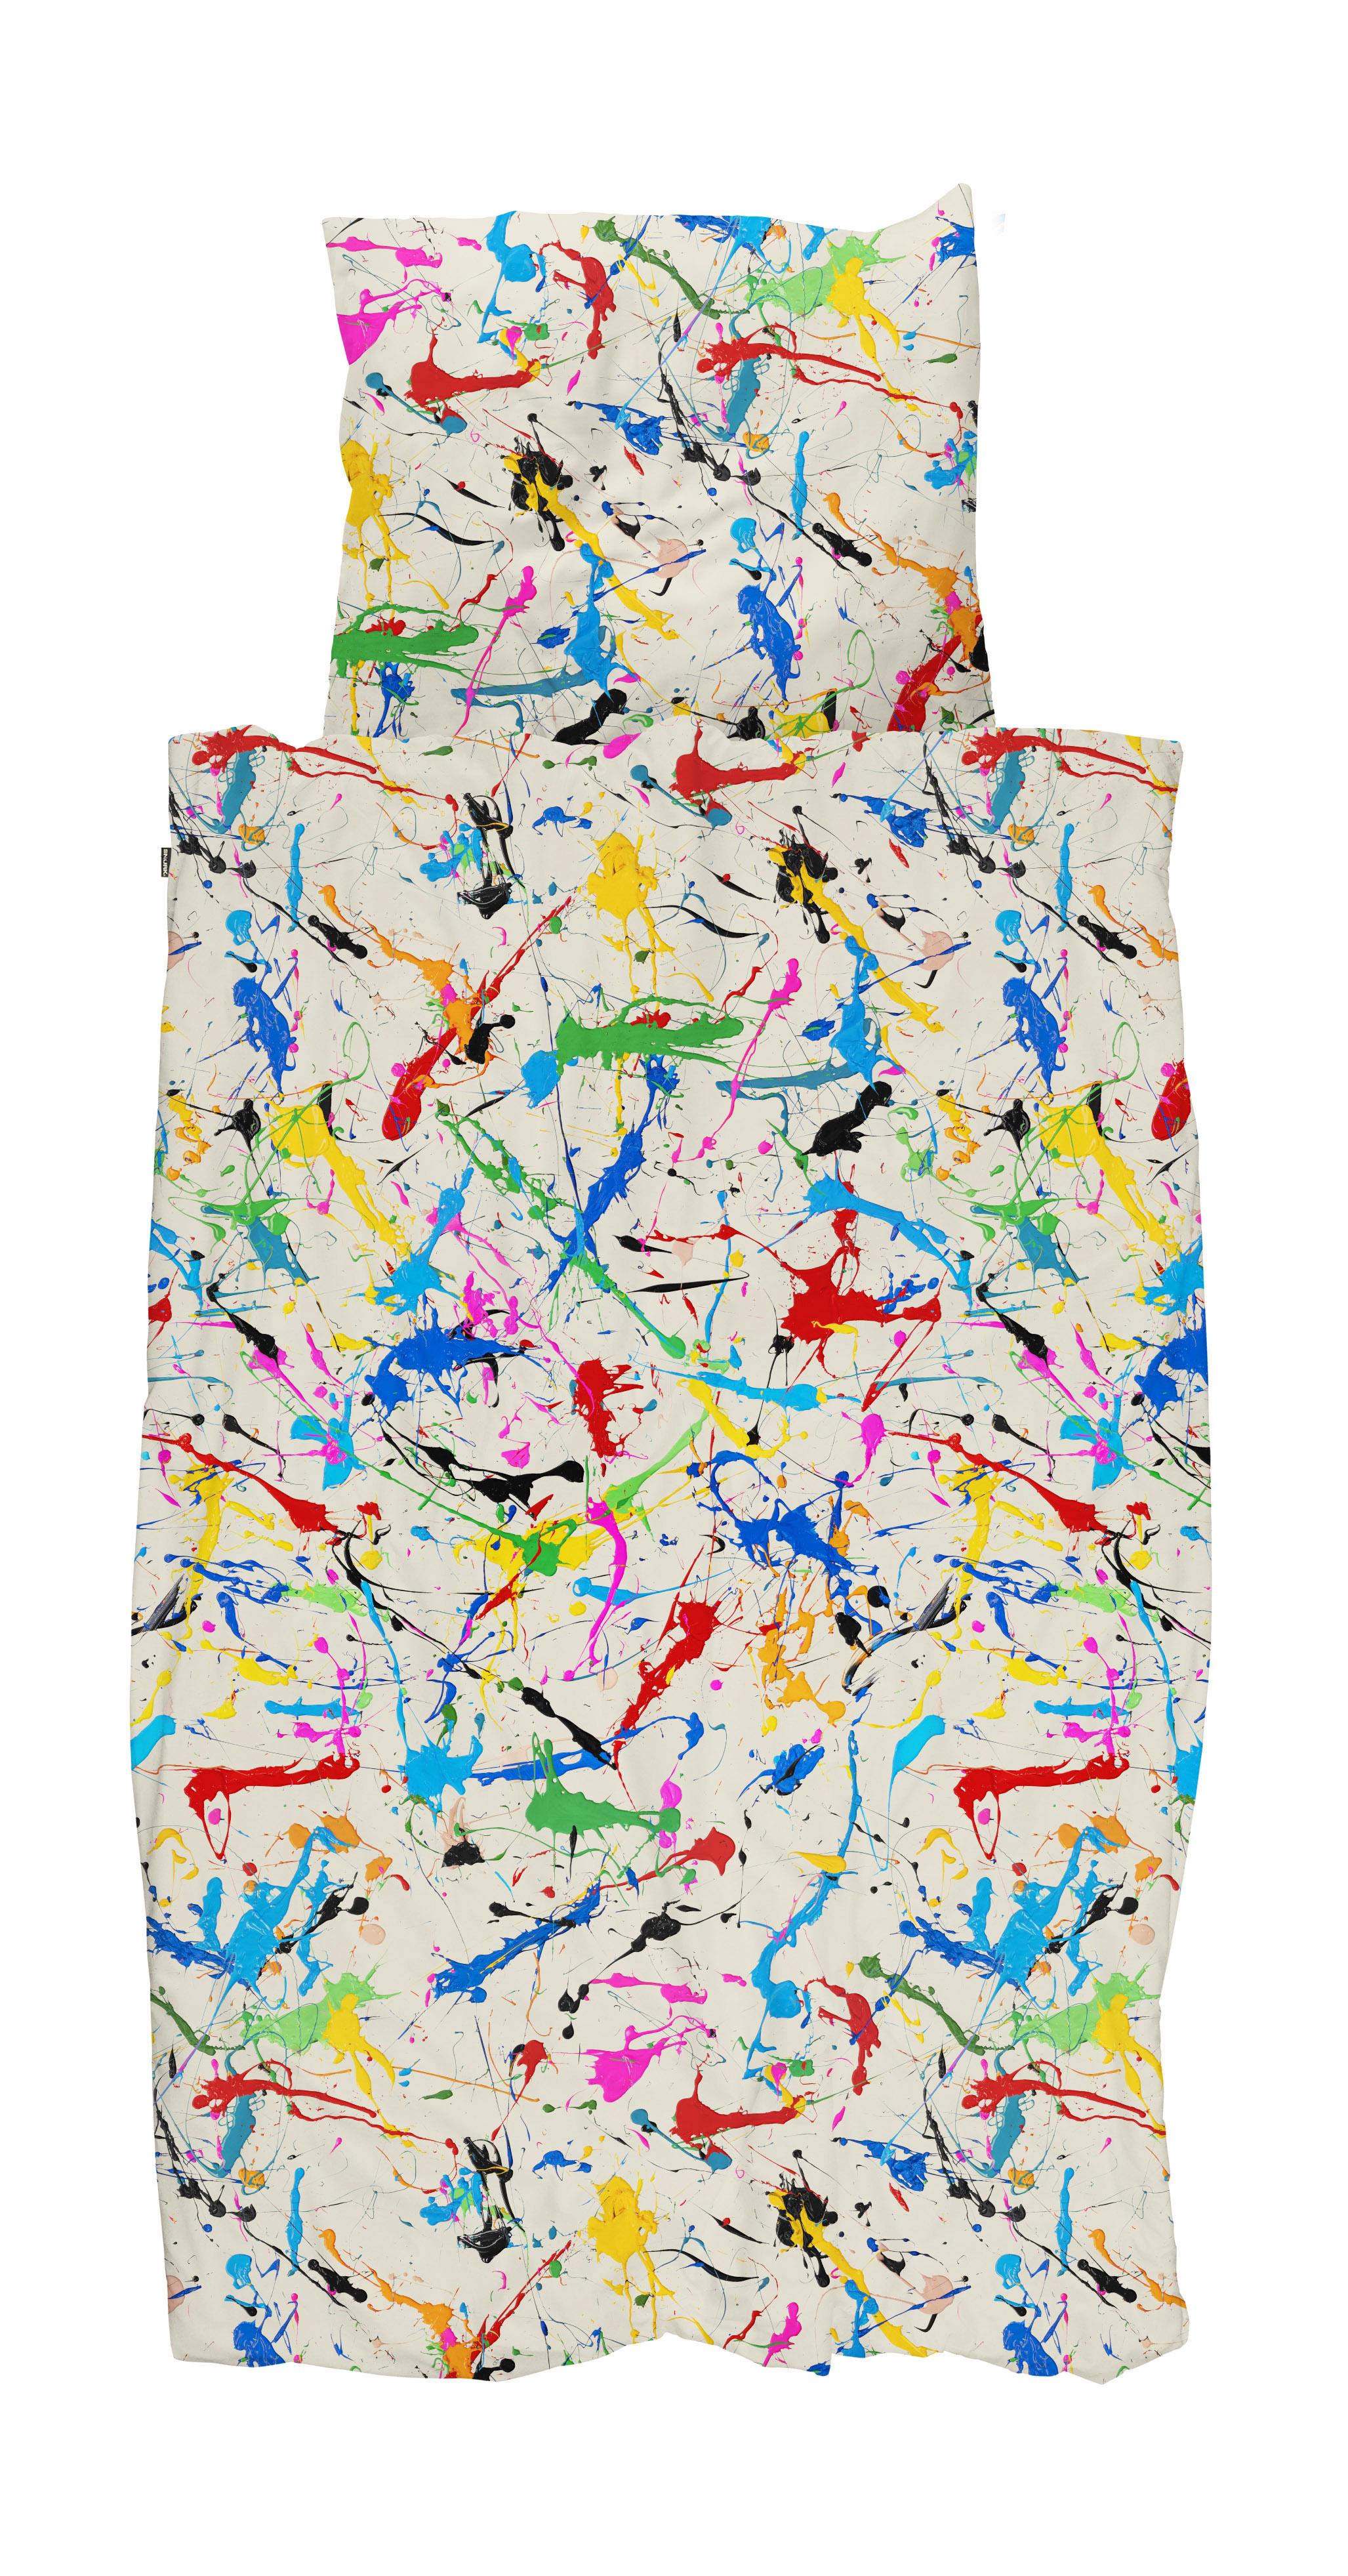 Купить Комплект постельного белья брызги белый 150х200, inmyroom, Нидерланды